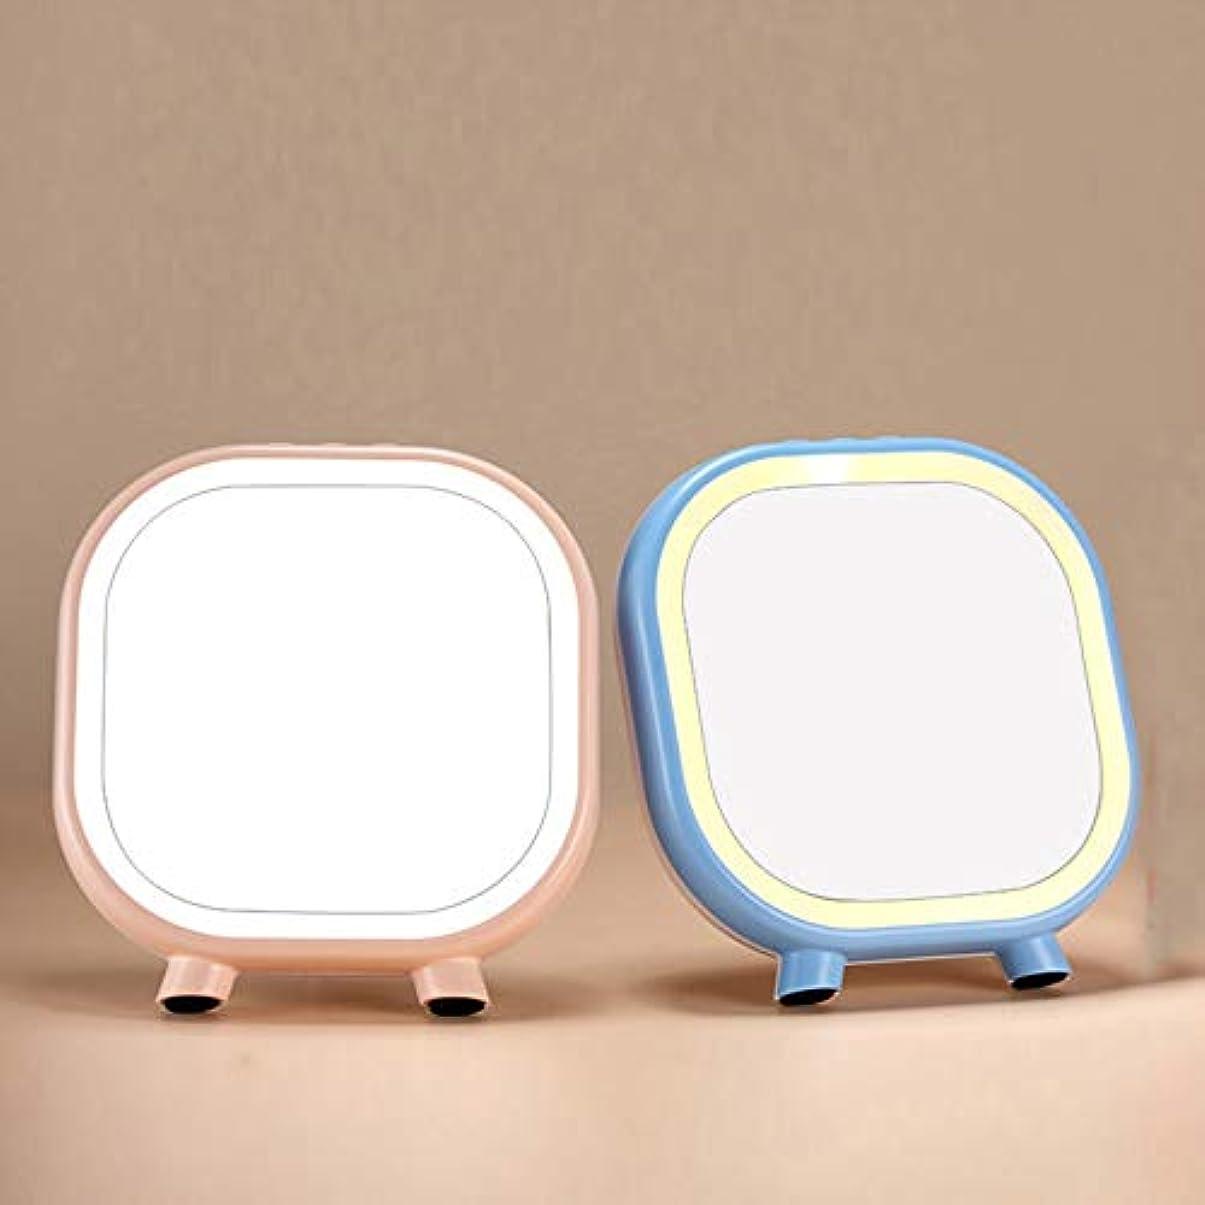 泳ぐニンニクマウンド流行の クリエイティブ新しいLED照明ブルートゥーススピーカー美容ミラー化粧鏡化粧鏡ABS材料2ブルーブルー (色 : Blue)